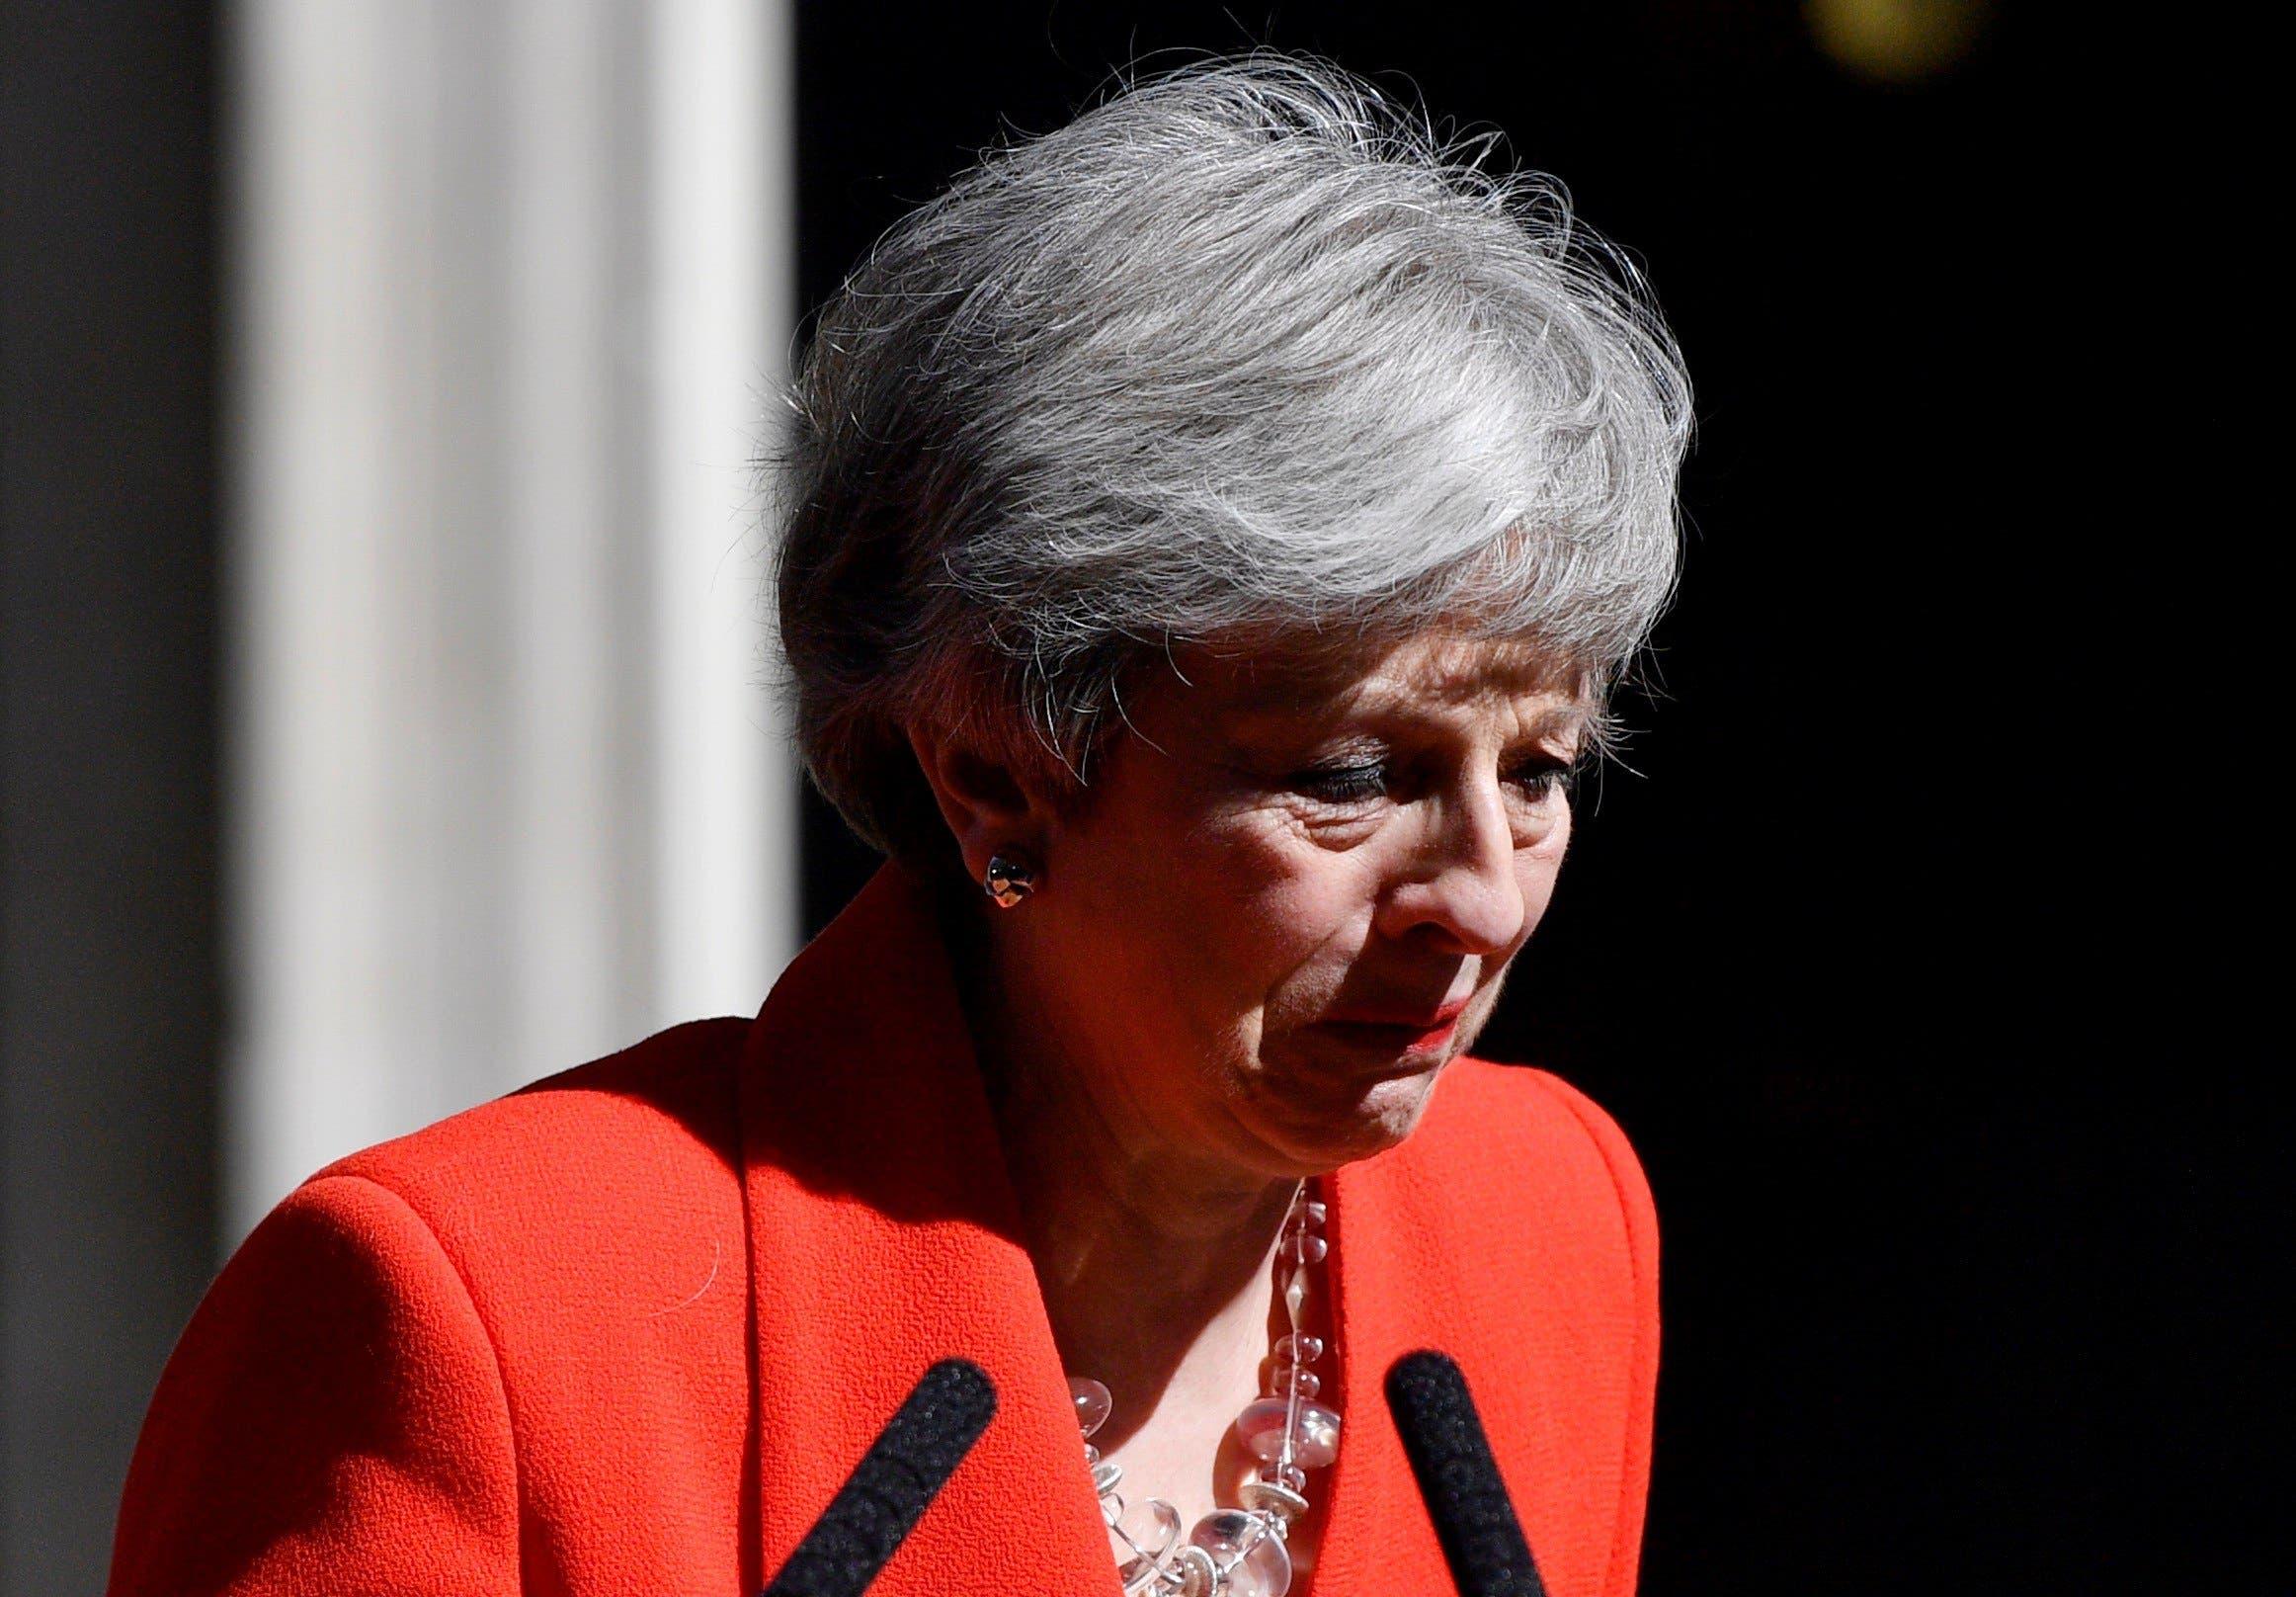 La primera ministra británica, Theresa May, se emociona mientras hace una declaración para anunciar que dimitirá el próximo 7 de junio, cuando empezará el proceso para elegir a su sucesor como líder del Partido Conservador y jefe del Gobierno del Reino Unido, este viernes, en Downing Street, Londres (Reino Unido). EFE/ Neil Hall